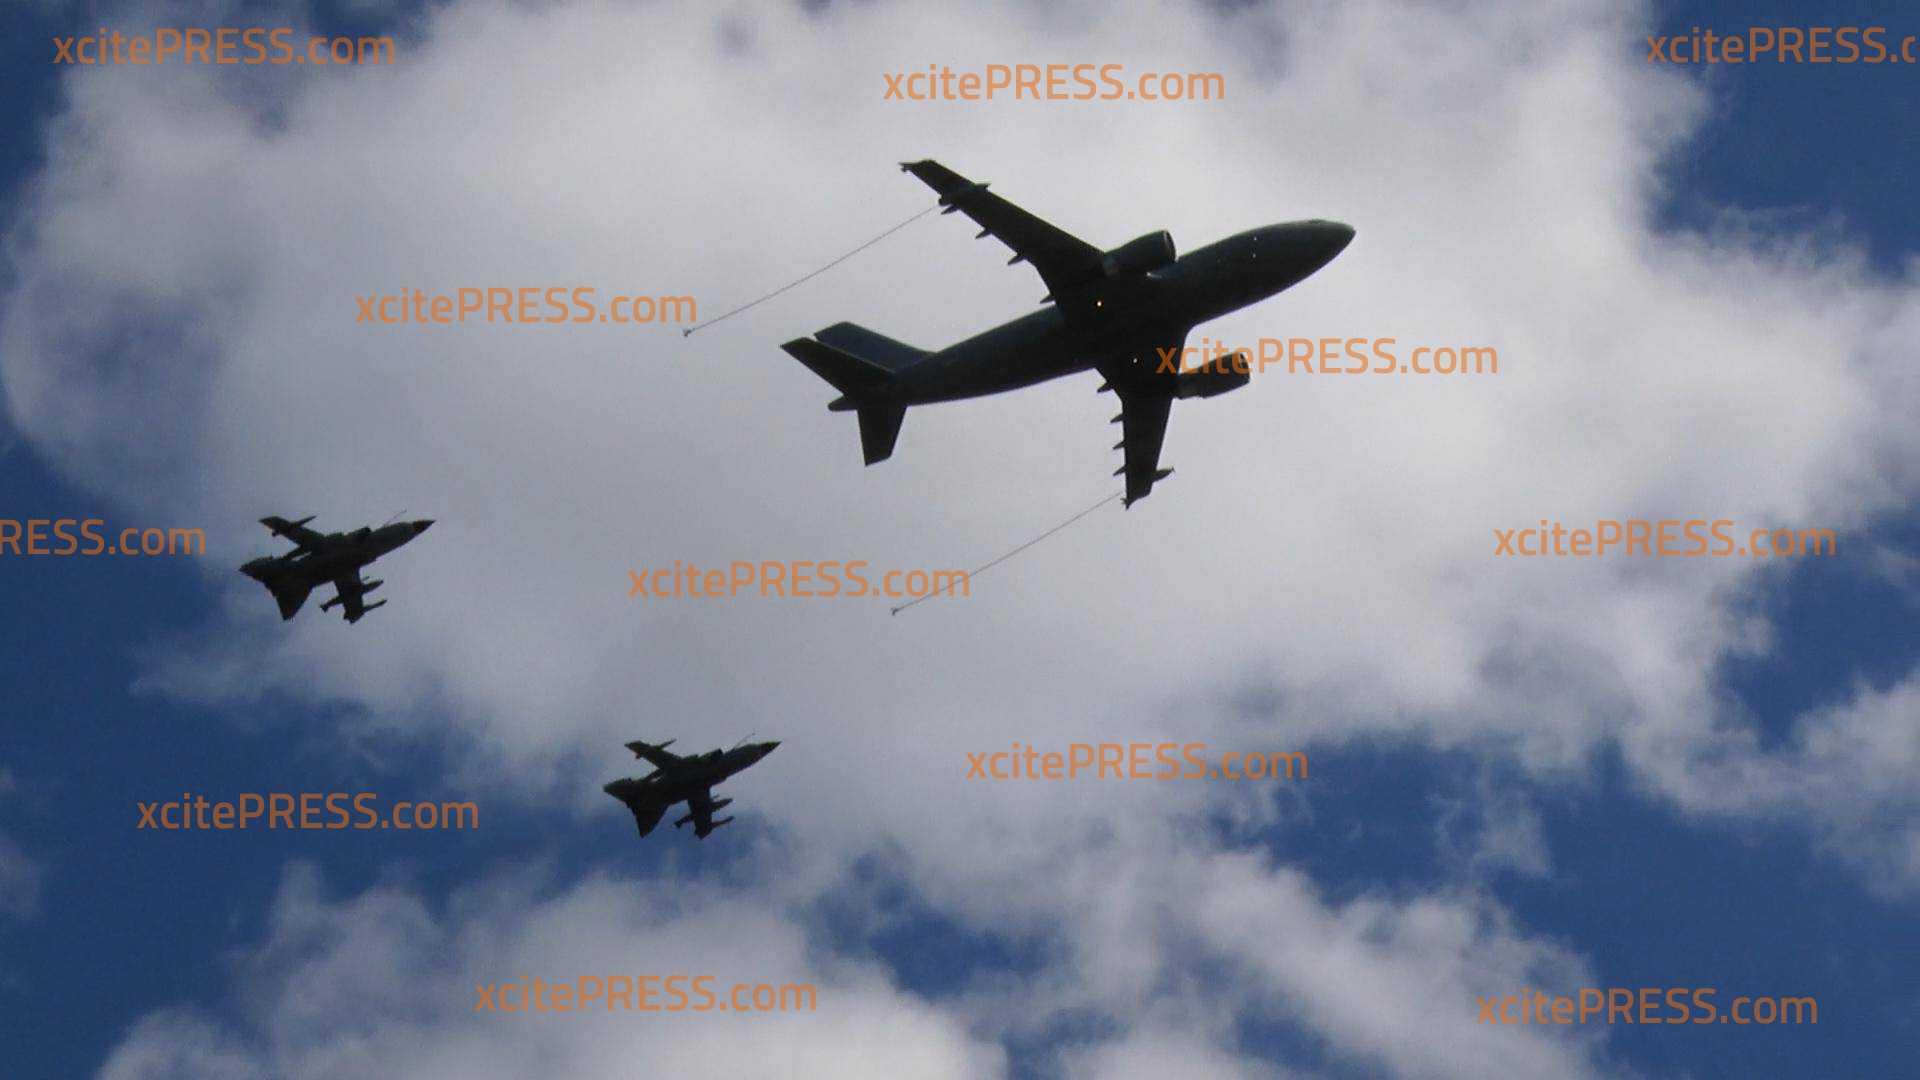 Abschiedsflug: Bundeswehr-Jets fliegen über Dresden: Zwei Tornado-Kampfjets begleiten mächtigen Airbus A310